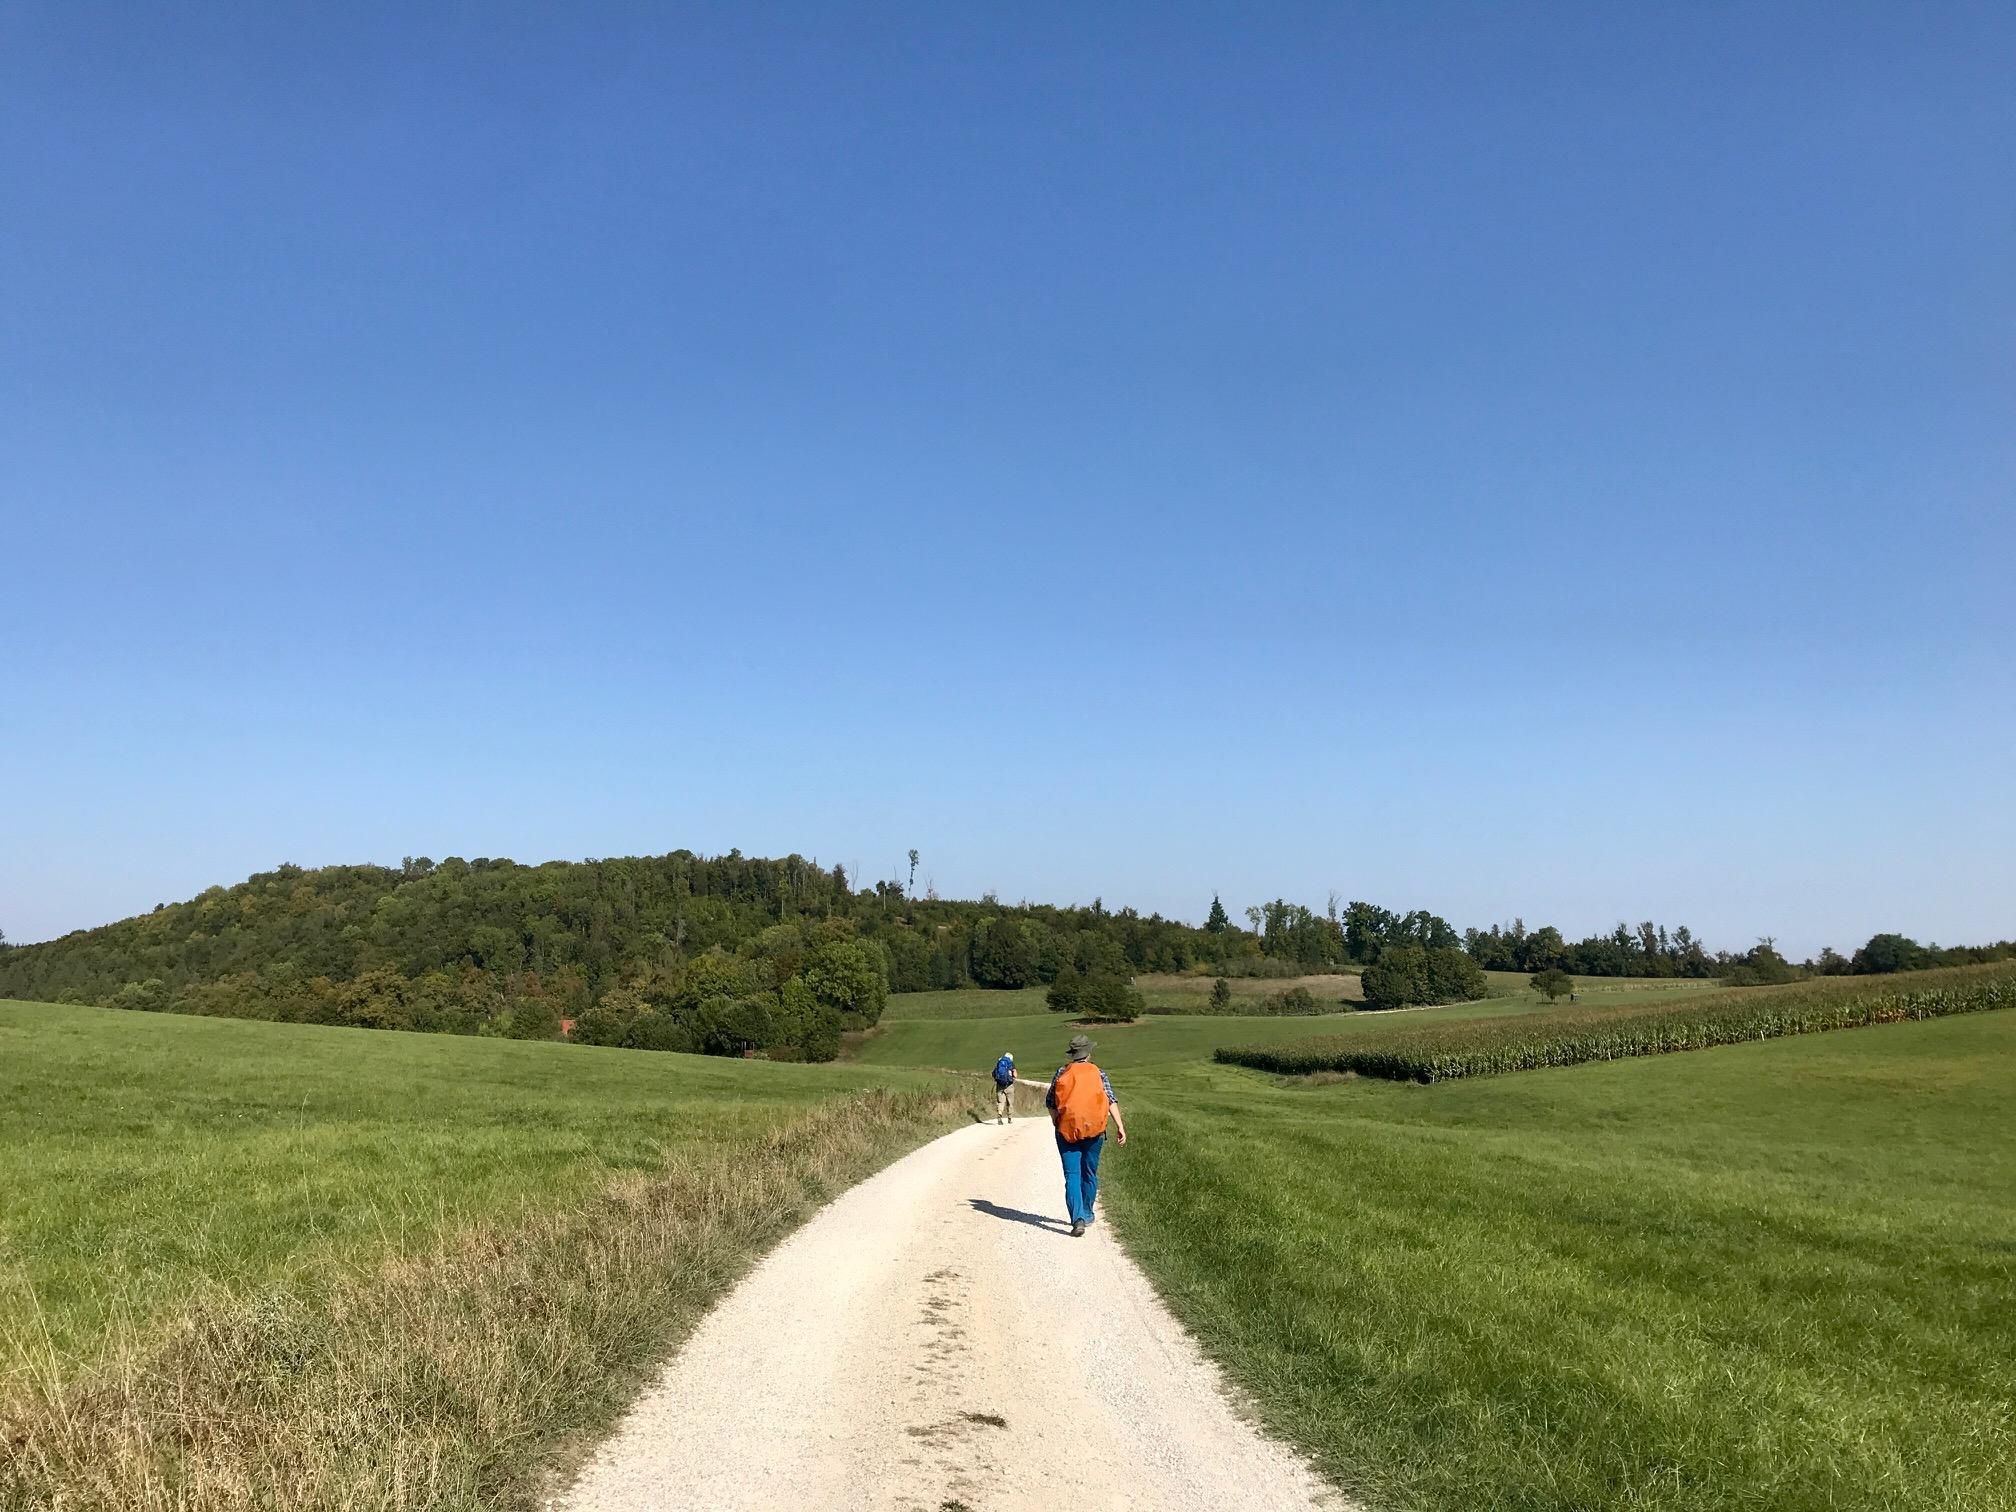 Auf dem Weg nach Christgarten, Albsteig HW1, Etappe 2